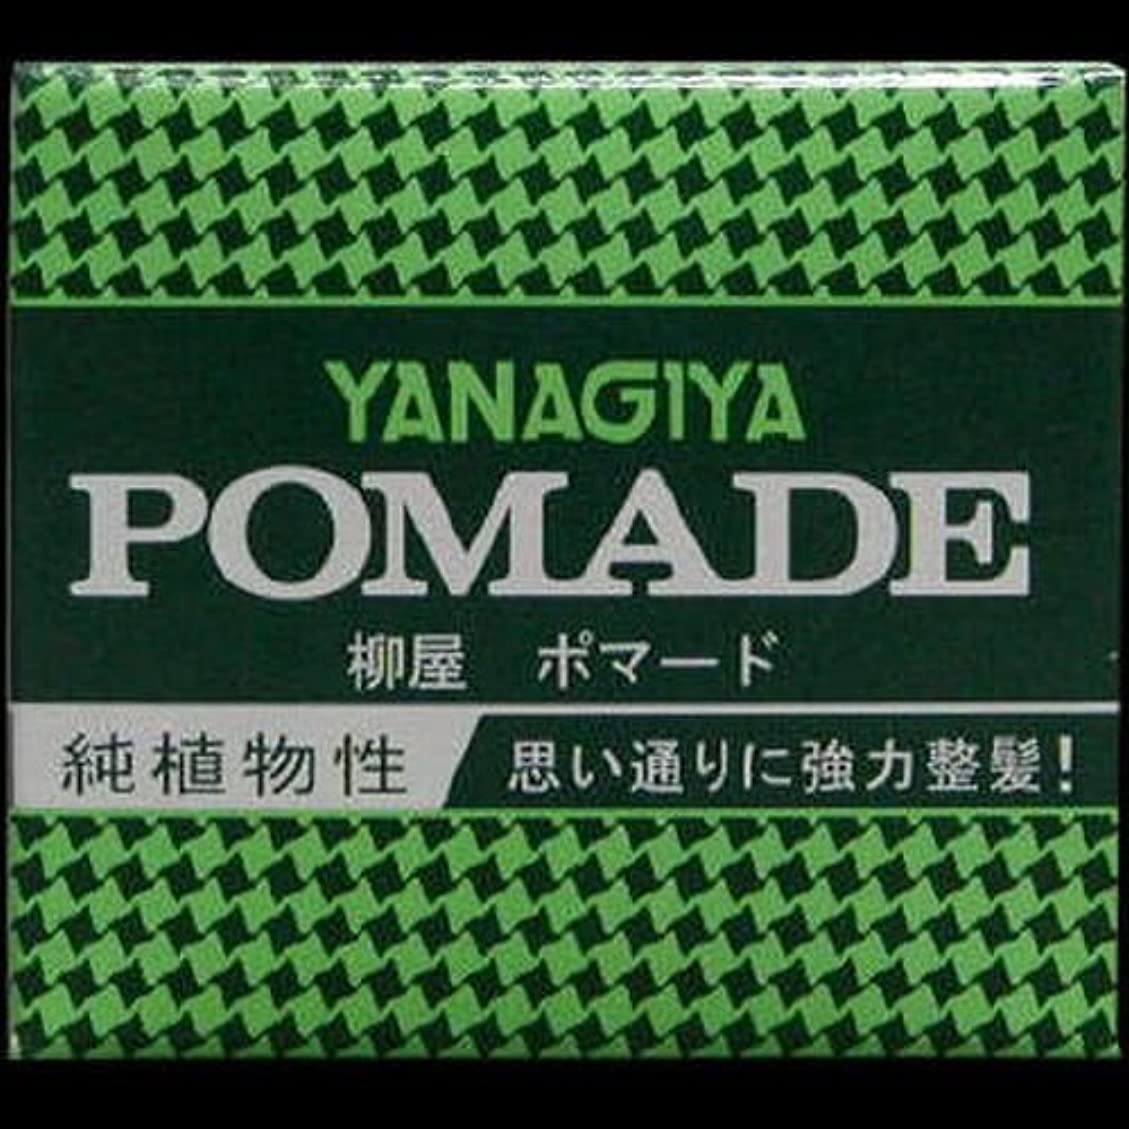 屋内入射進捗【まとめ買い】柳屋 ポマード小 63g ×2セット